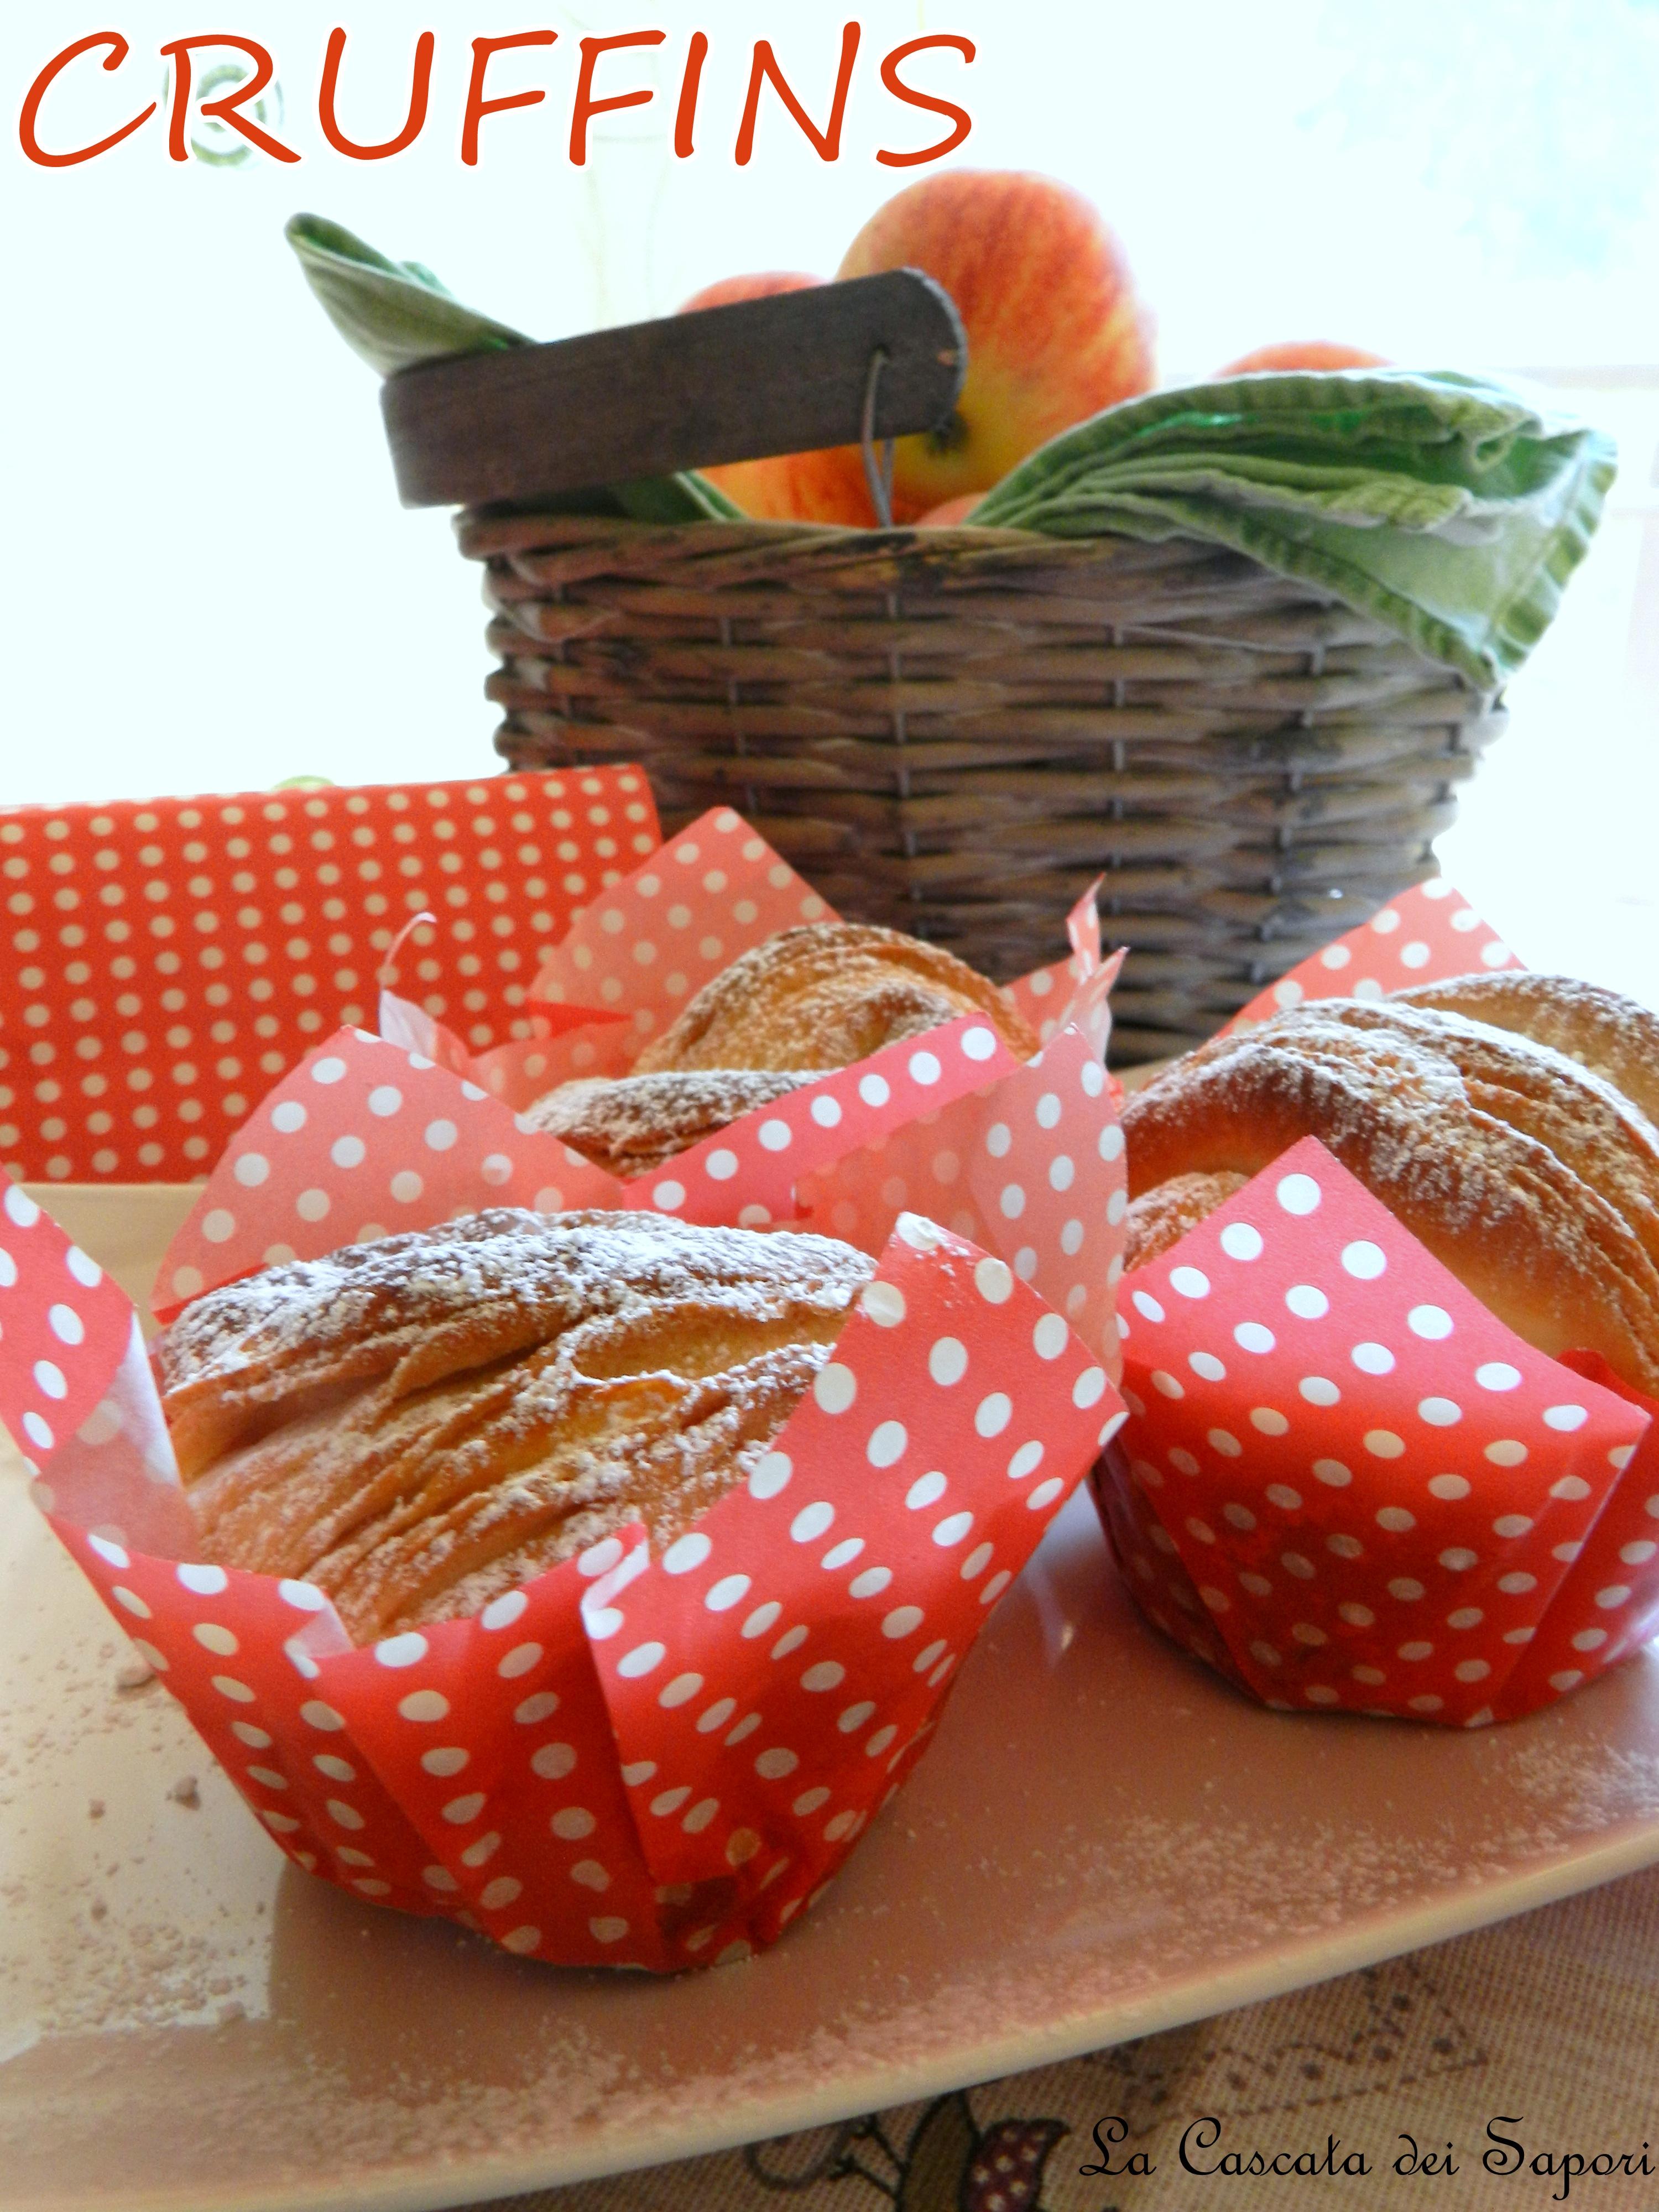 CRUFFIN con Marmellata di Mele & Miele homemade